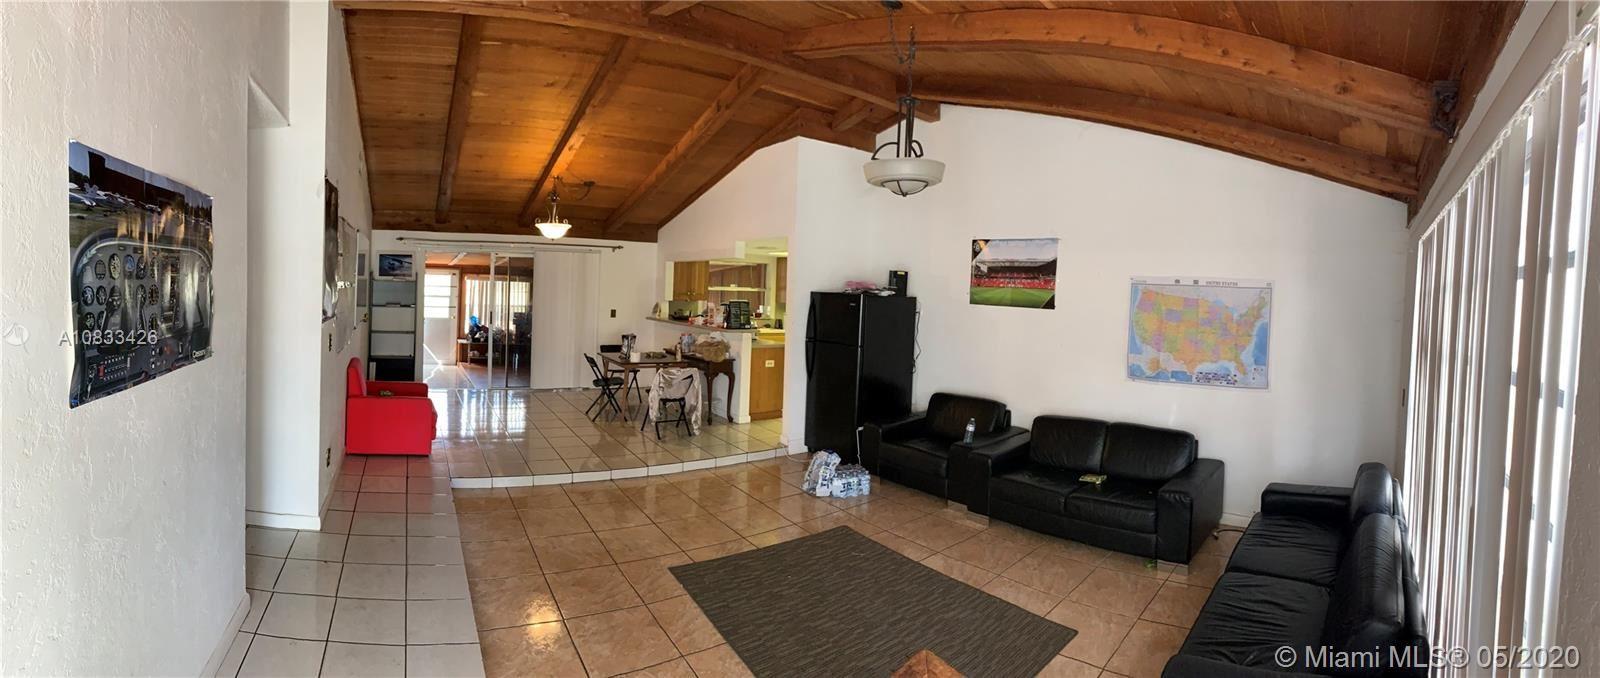 2700 Cypress Ct, Miramar, FL 33025 - #: A10833426